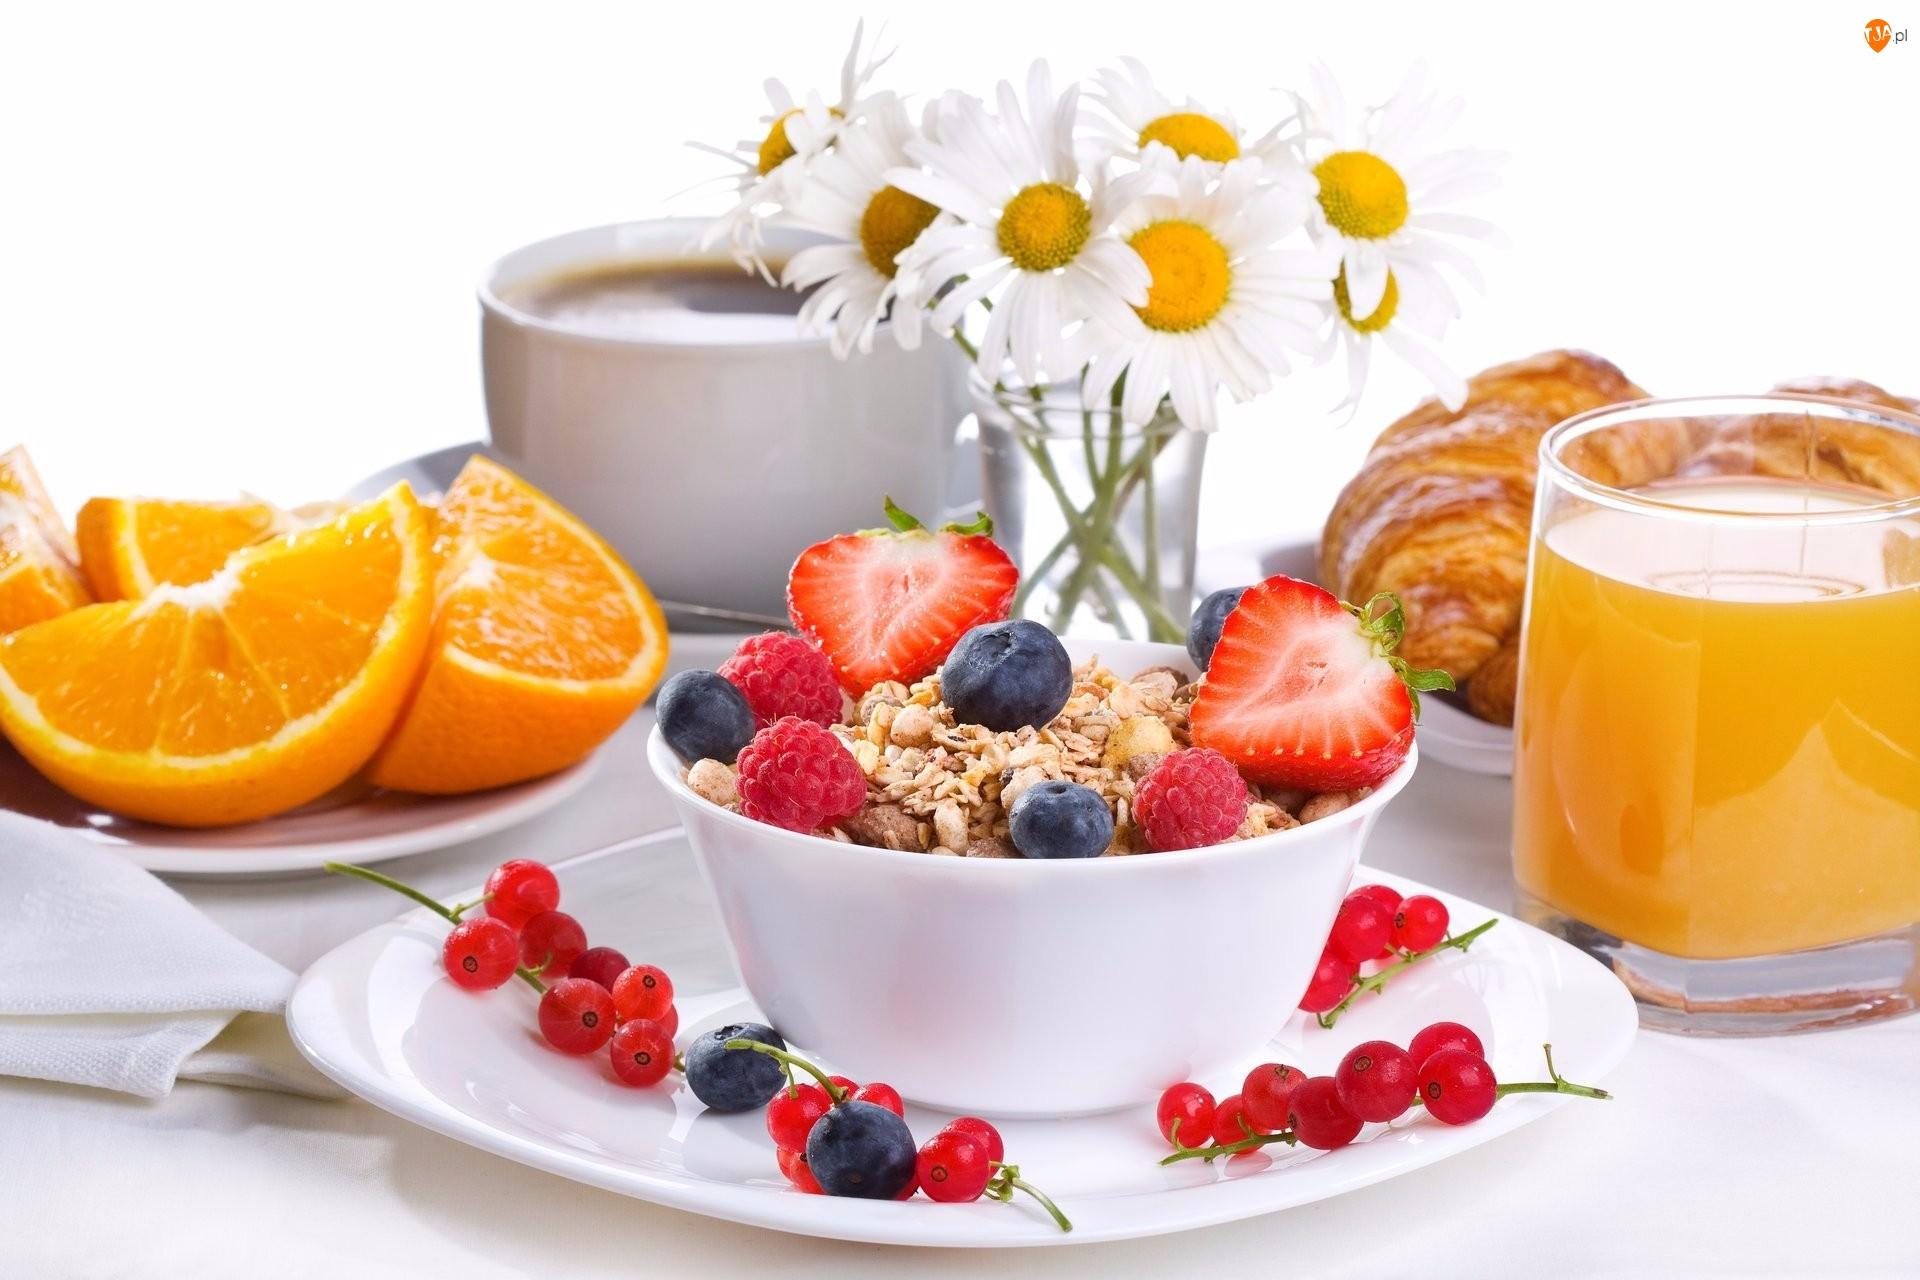 Jedzenie, Pomarańcza, Margerytki, Kwiaty, Bukiet, Sok, Filiżanka, Owoce, Talerzyk